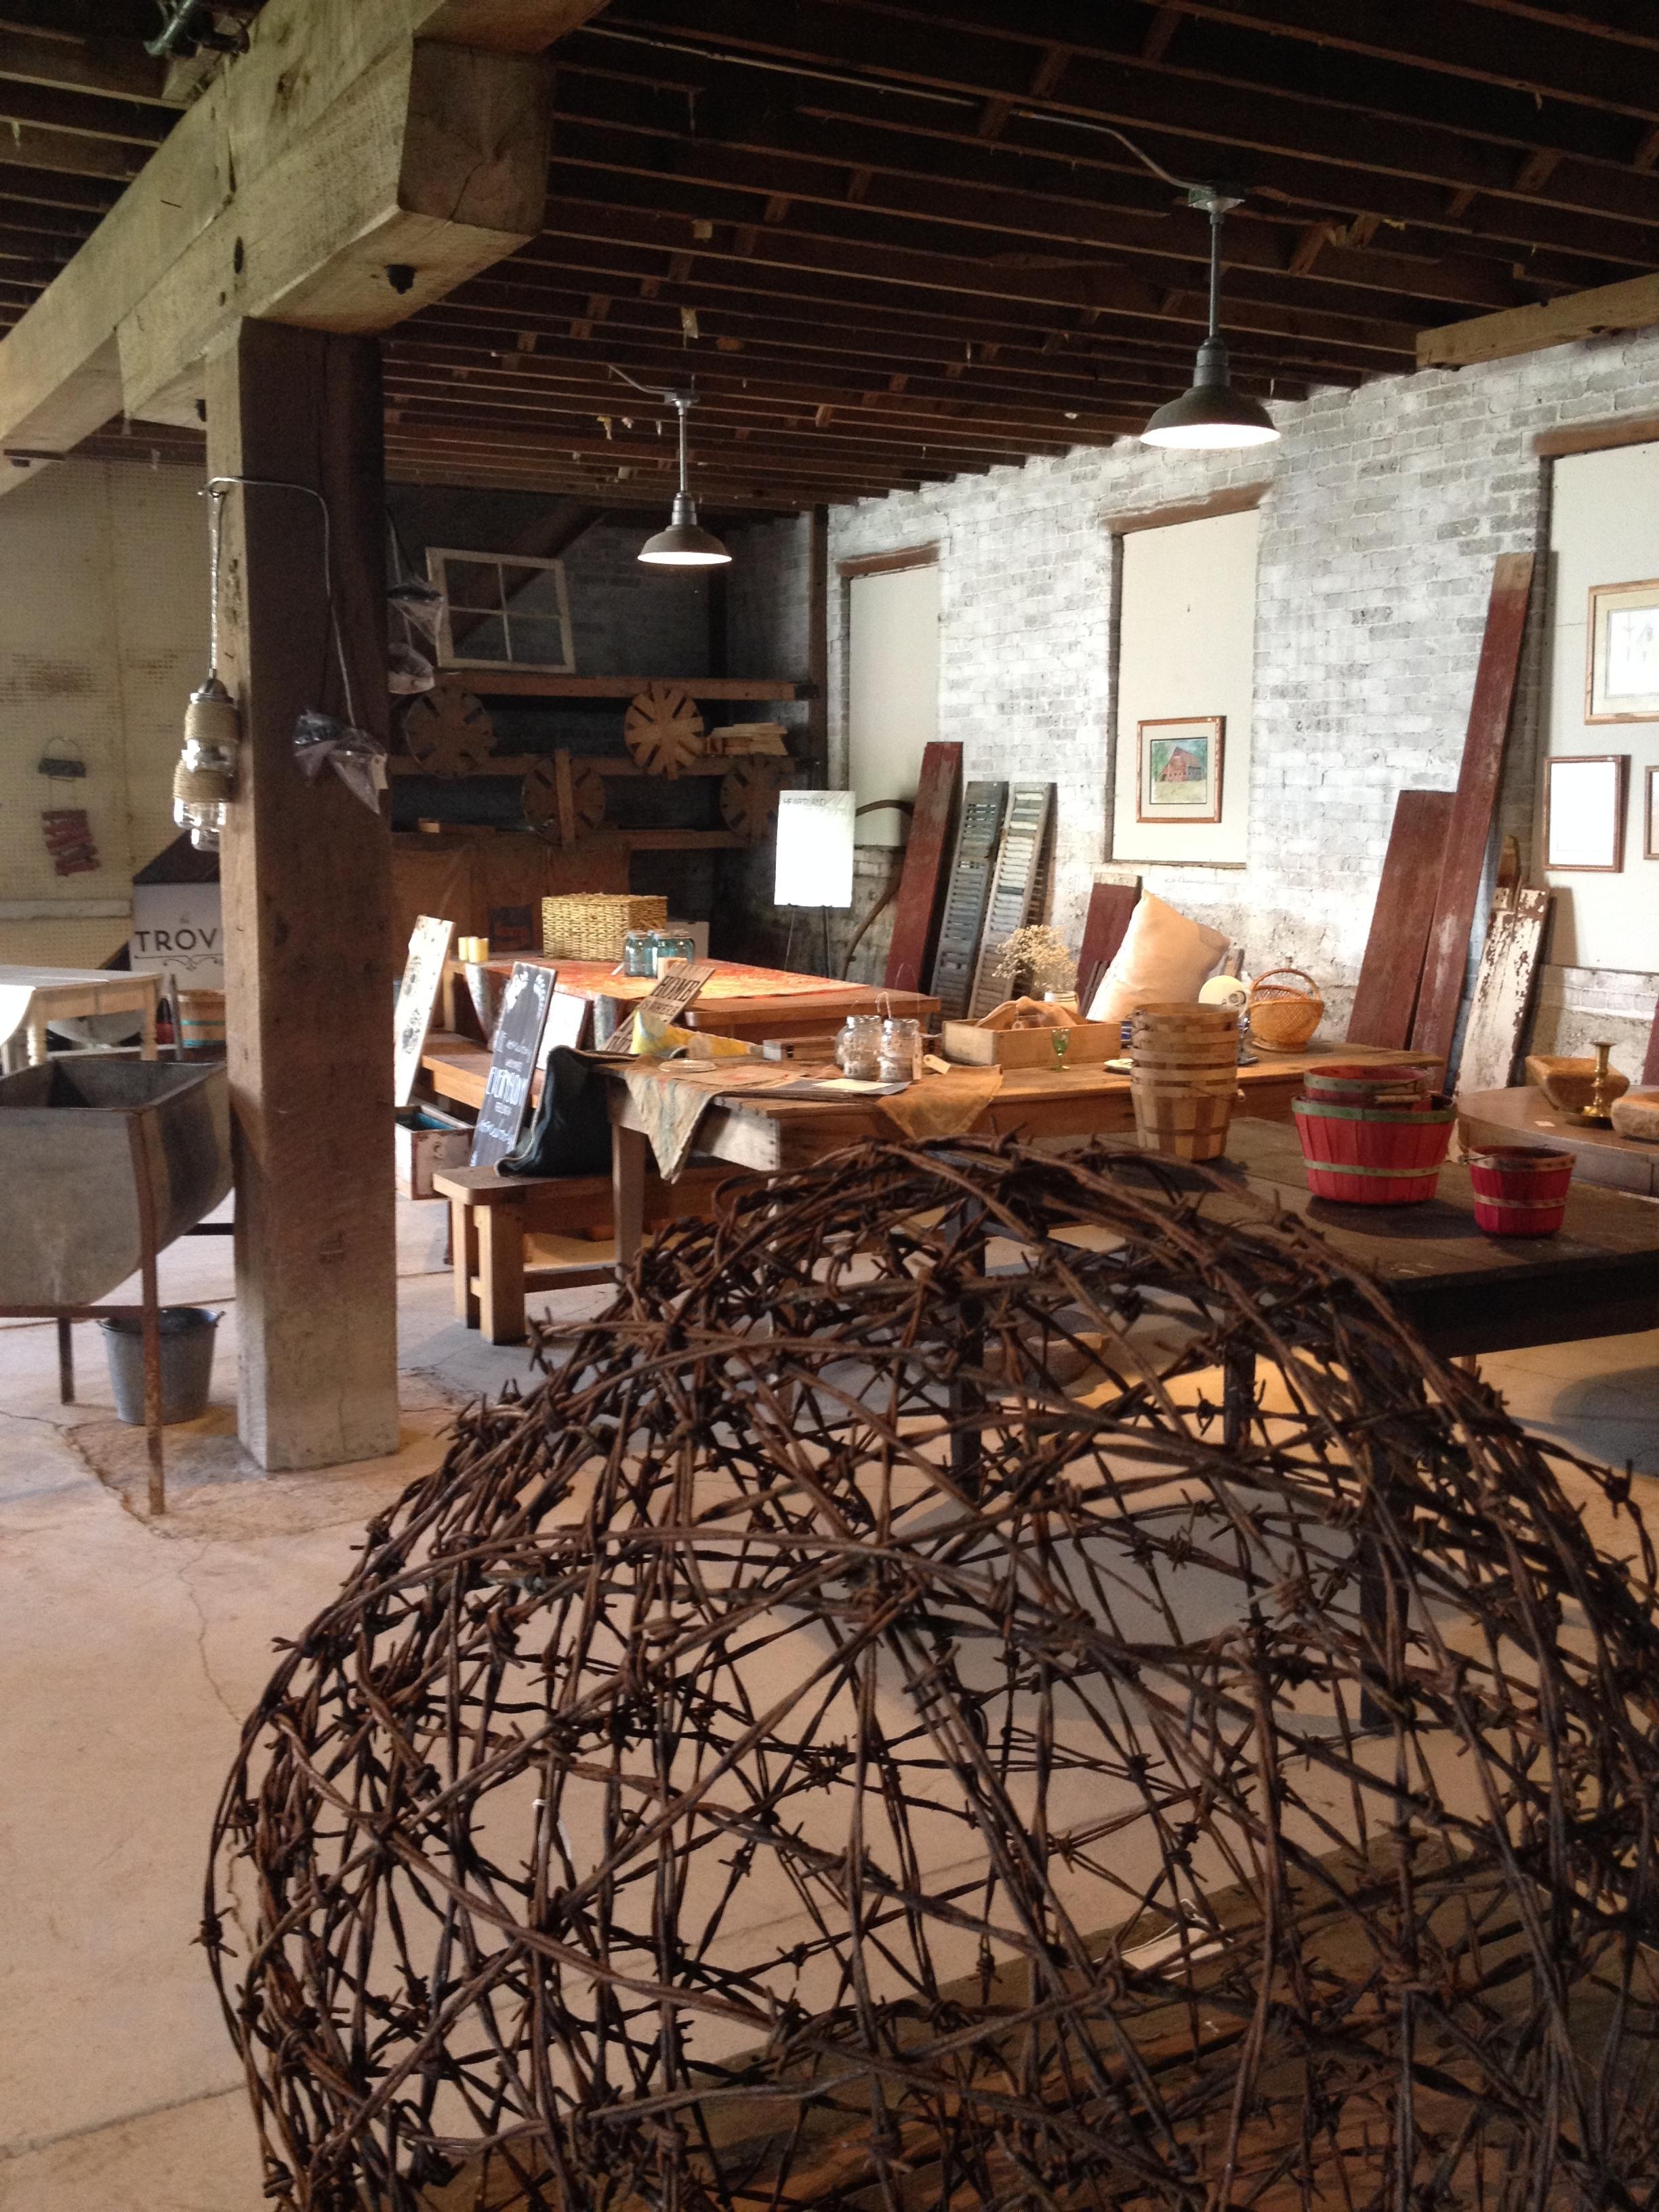 Inside the Trove barn